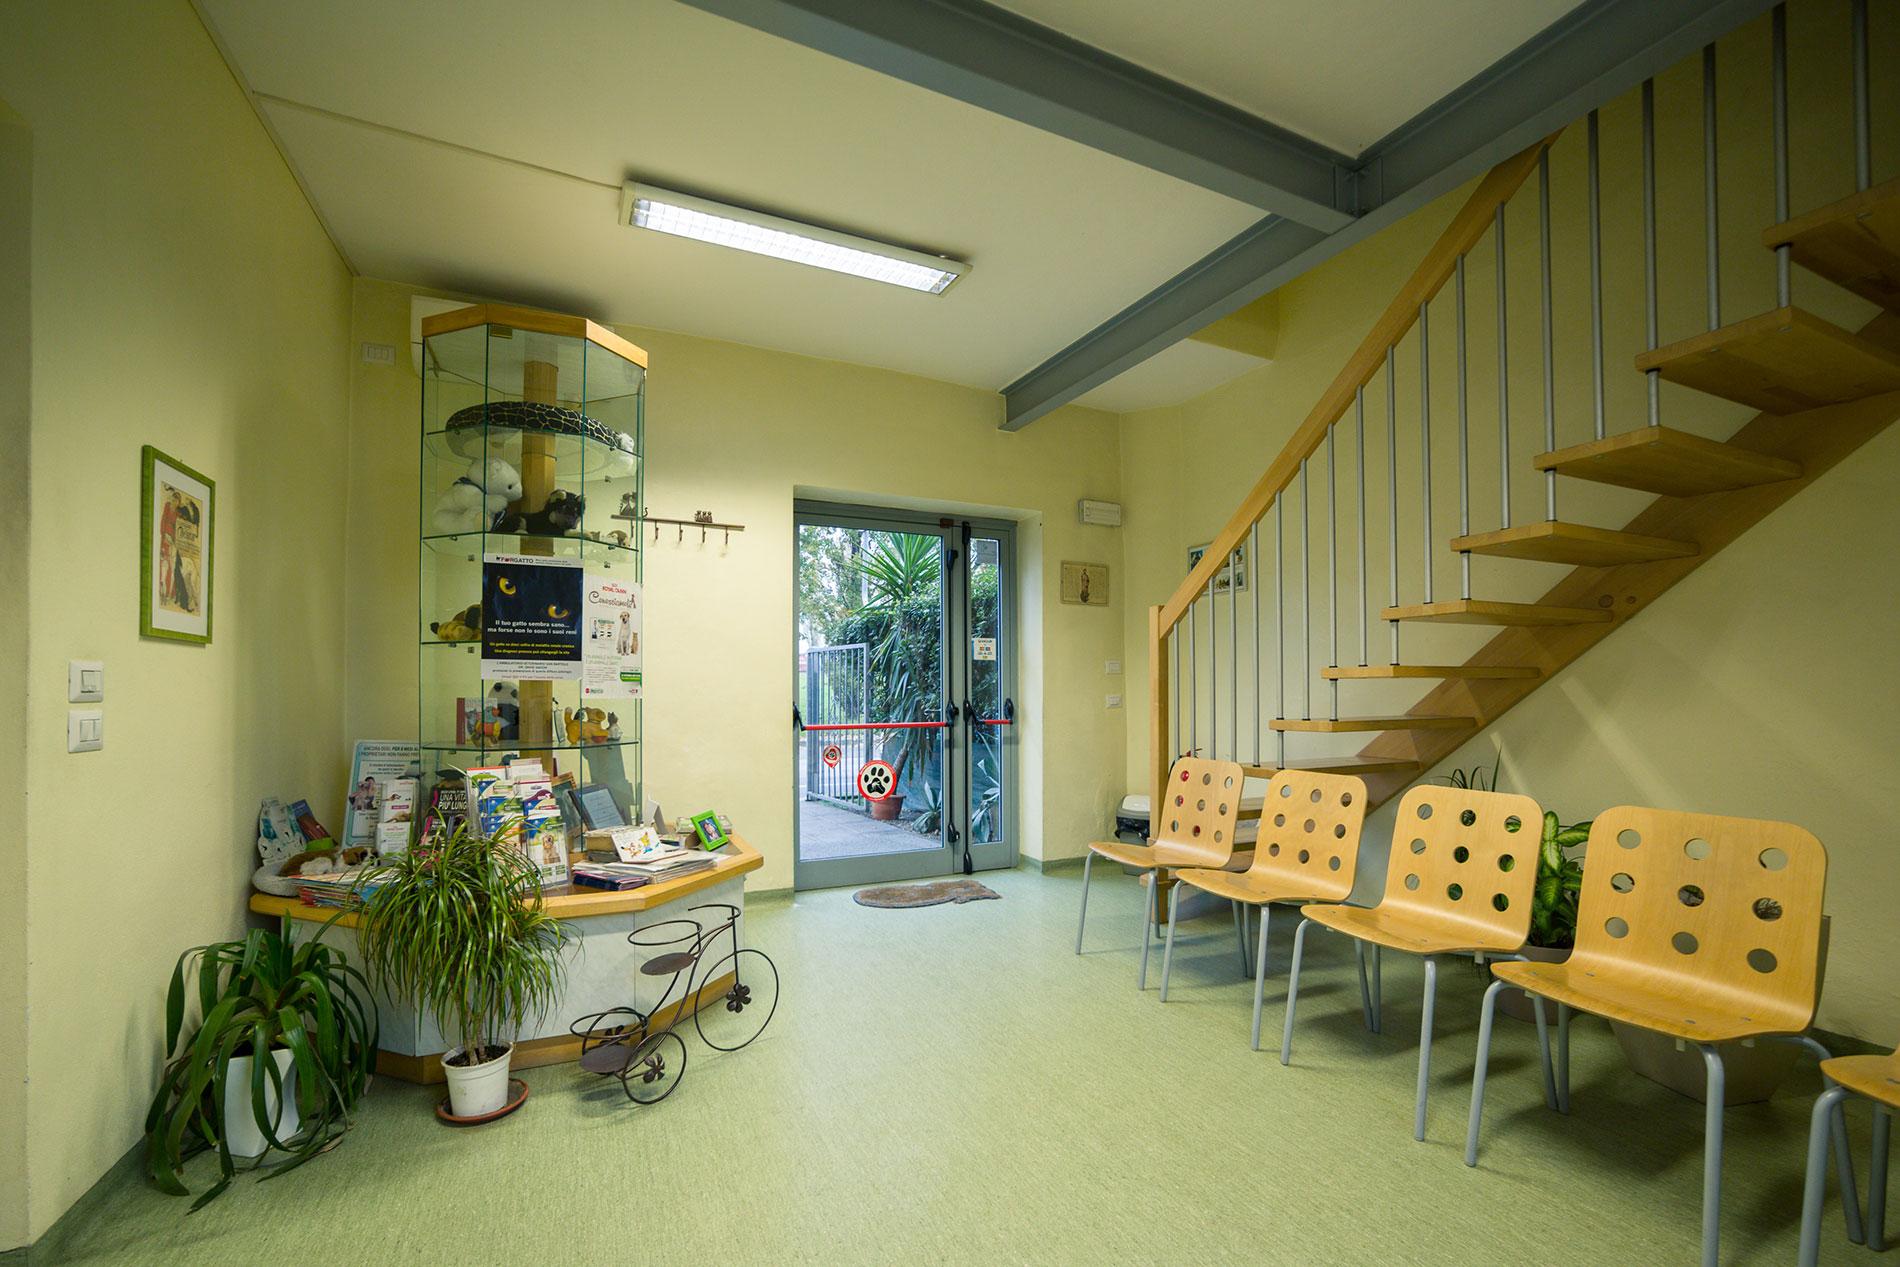 Sala di attesa - Clinica Veterinaria San Bartolo, Firenze